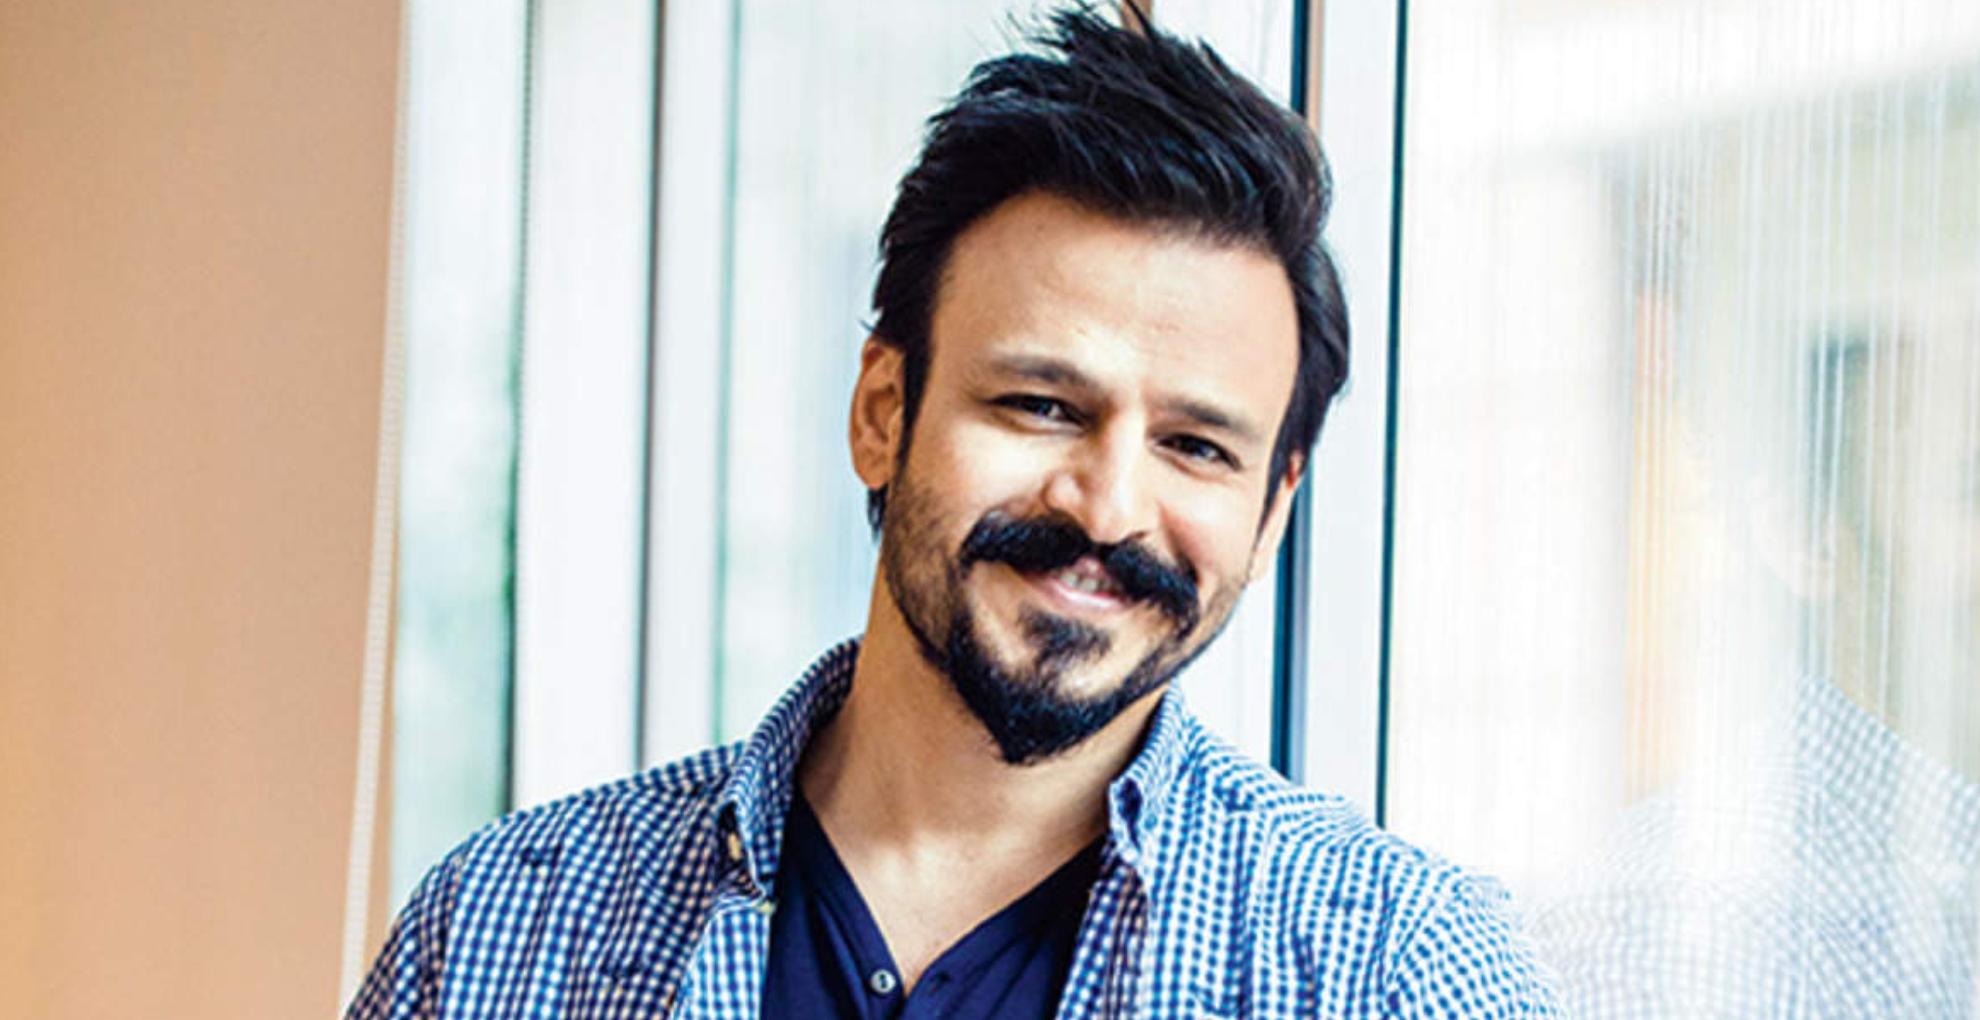 Vivek Oberoi Birthday: कंपनी से लेकर पीएम नरेंद्र मोदी तक, विवेक ओबेरॉय की ये हैं 6 बेस्ट फिल्में